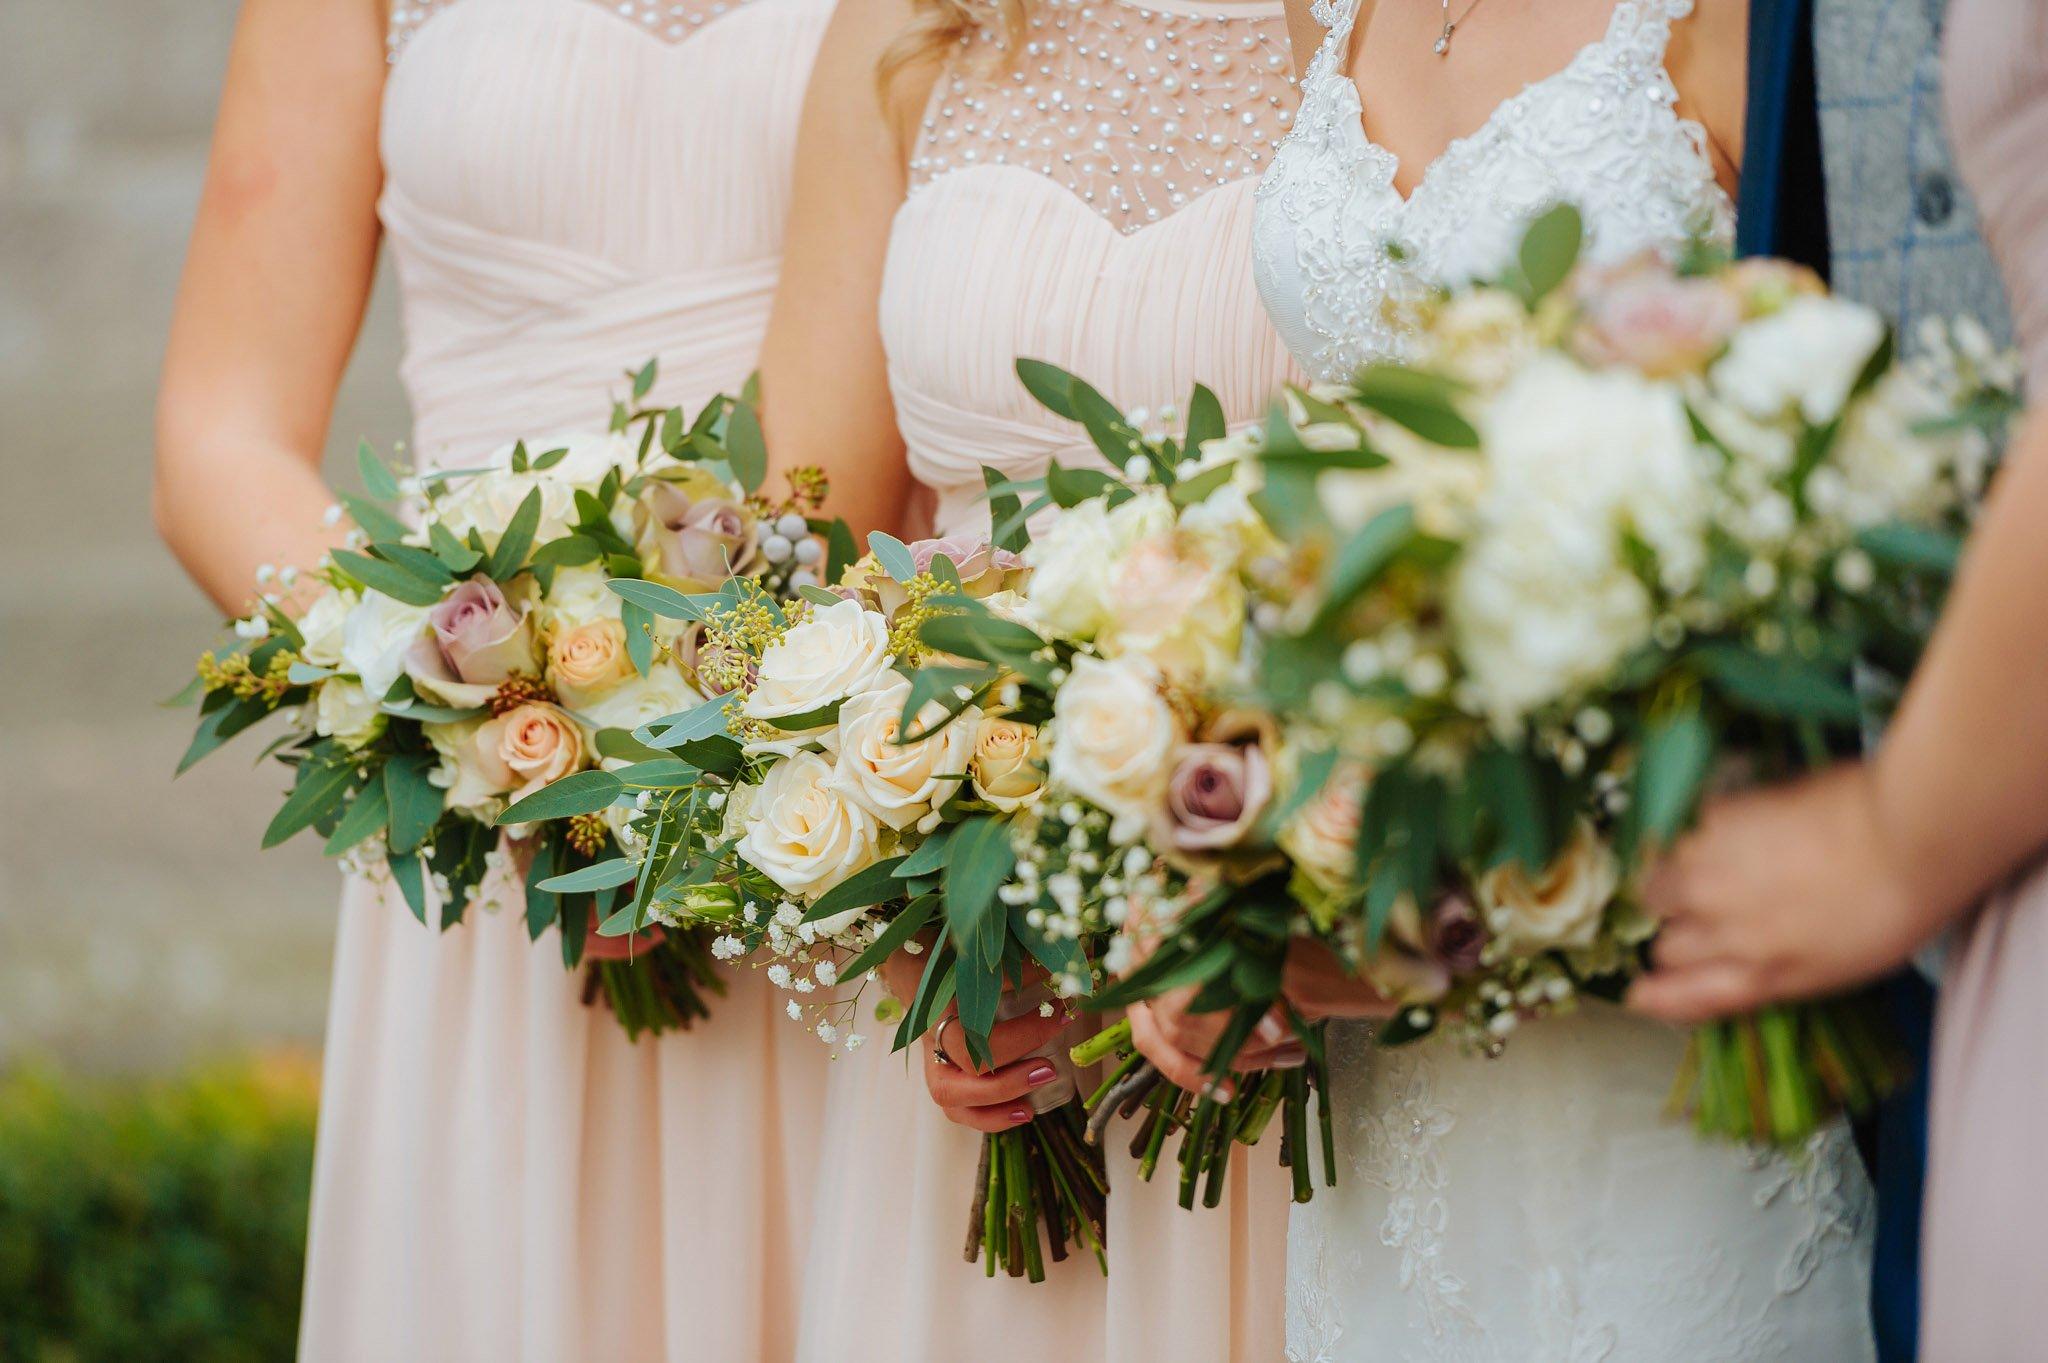 Lemore Manor wedding, Herefordshire - West Midlands | Sadie + Ken 51